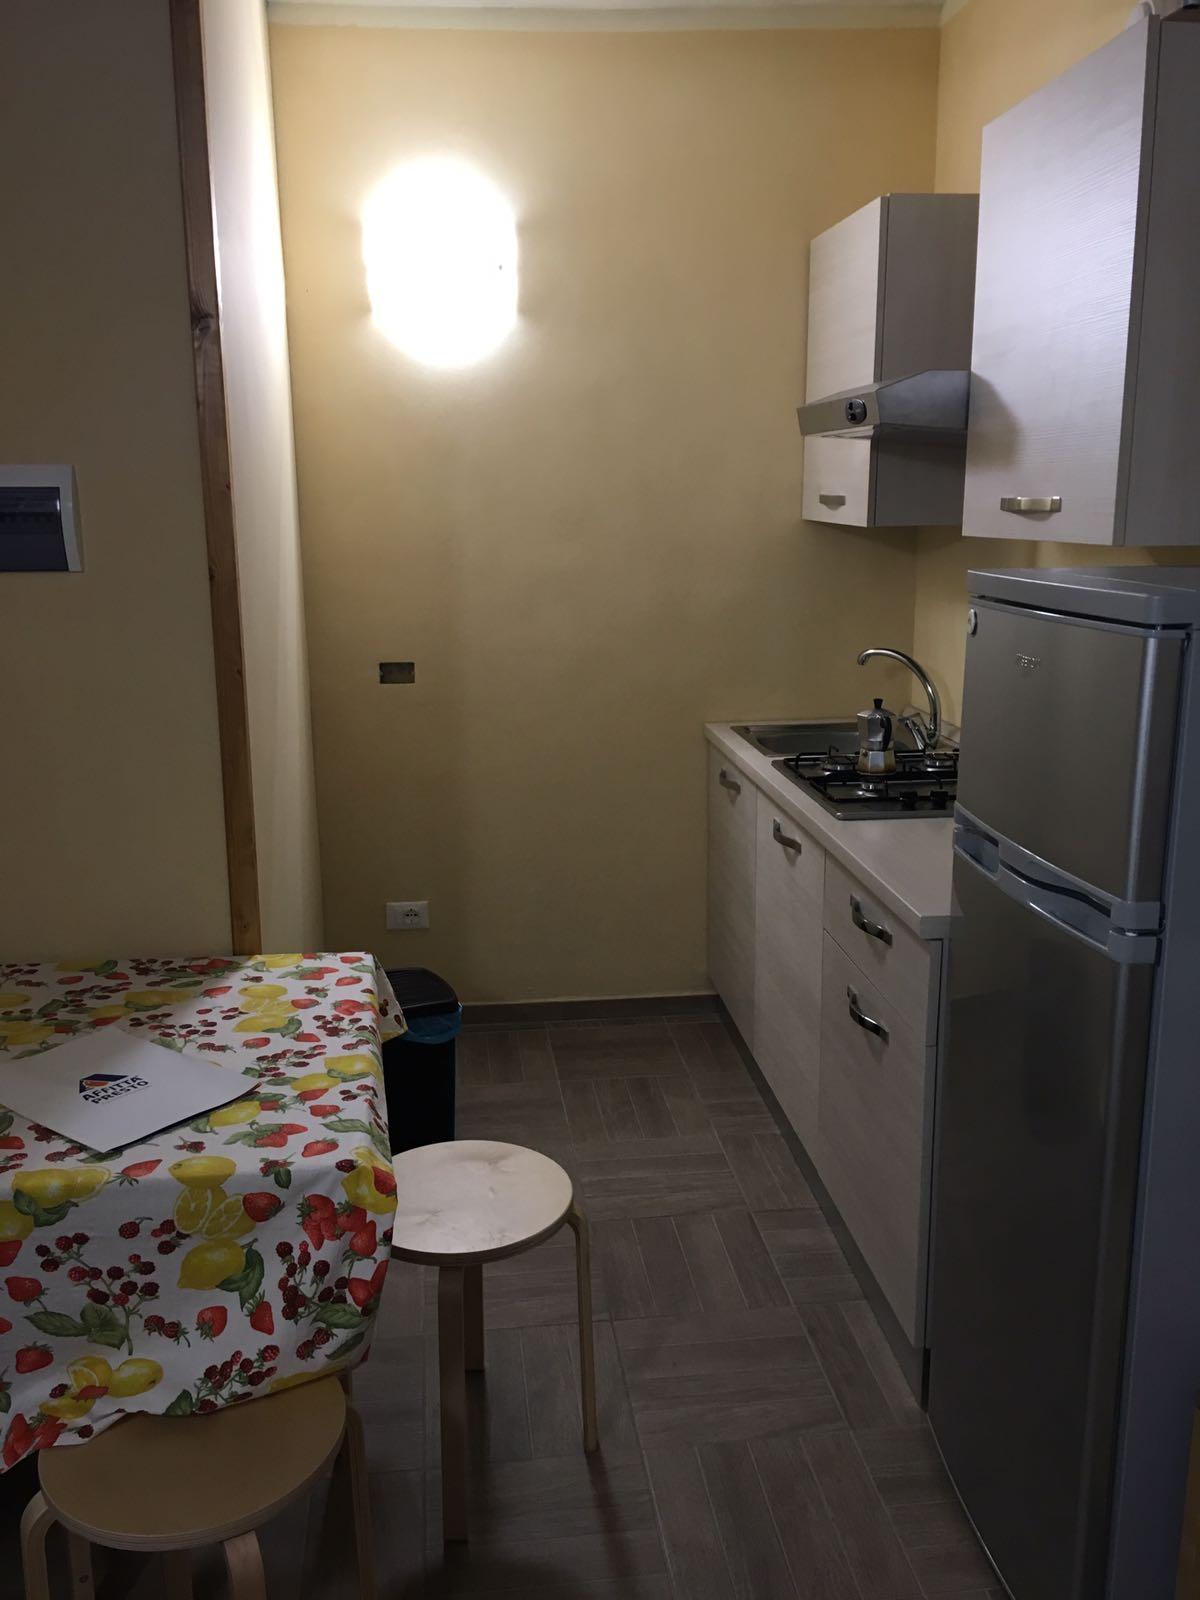 Appartamento in affitto a Signa, 1 locali, zona Località: Centro, prezzo € 550 | CambioCasa.it